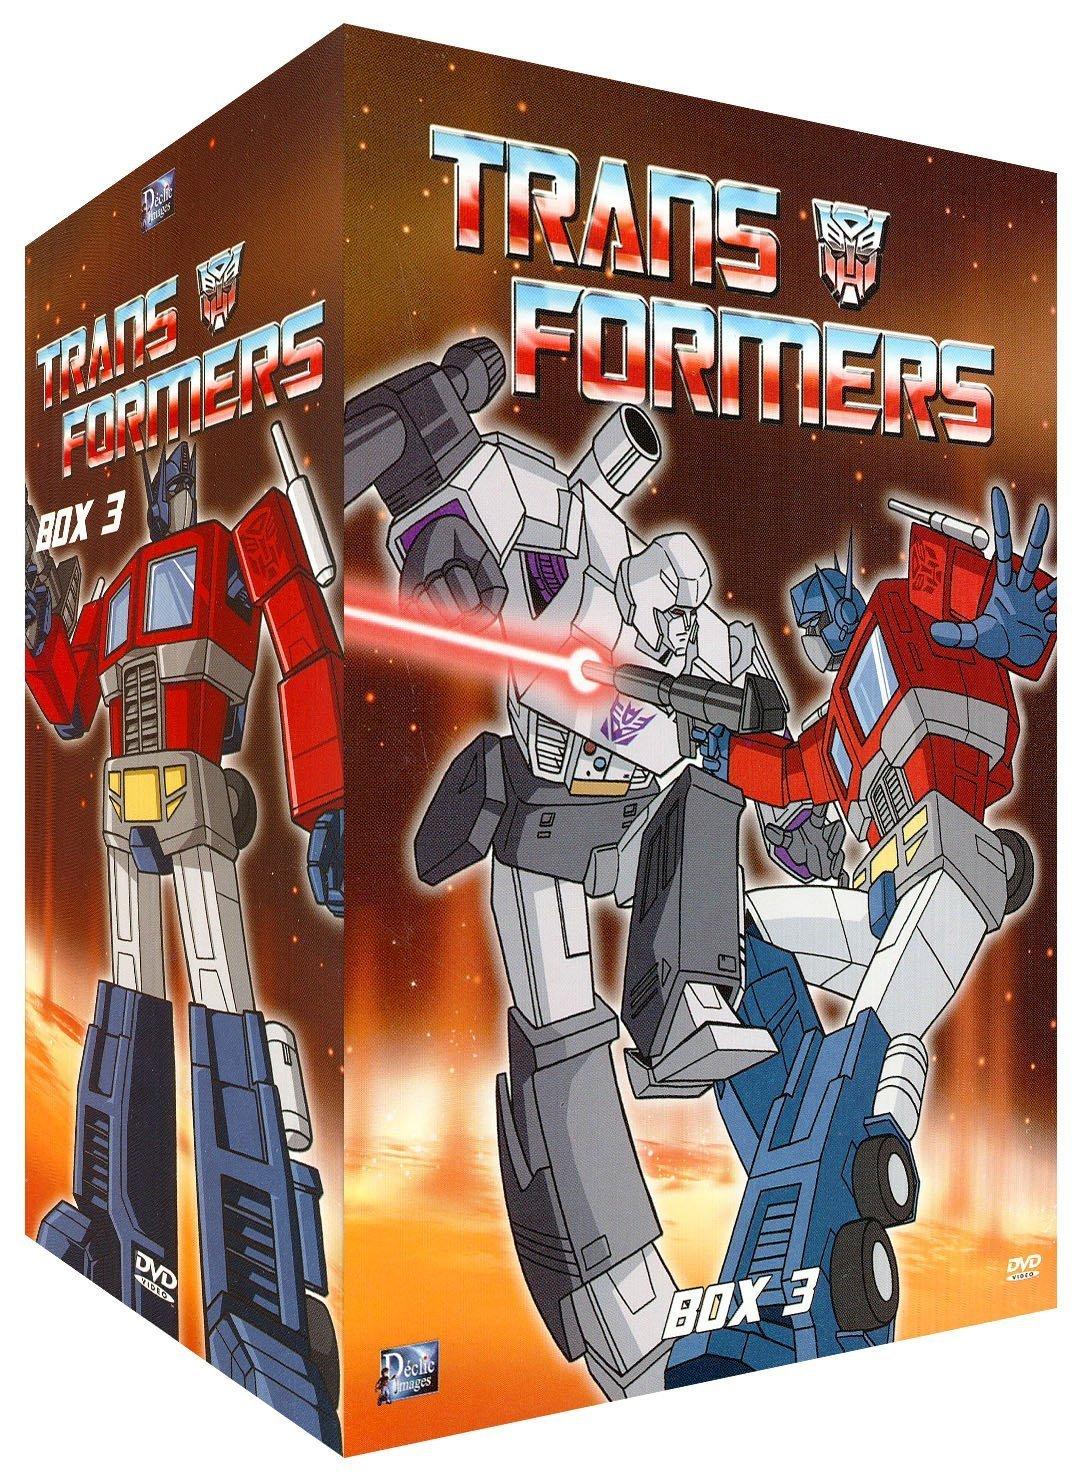 Coffret DVD de Les Transformers (G1) de France par Déclic Images et UFG Junior 81TXt0v9-DS